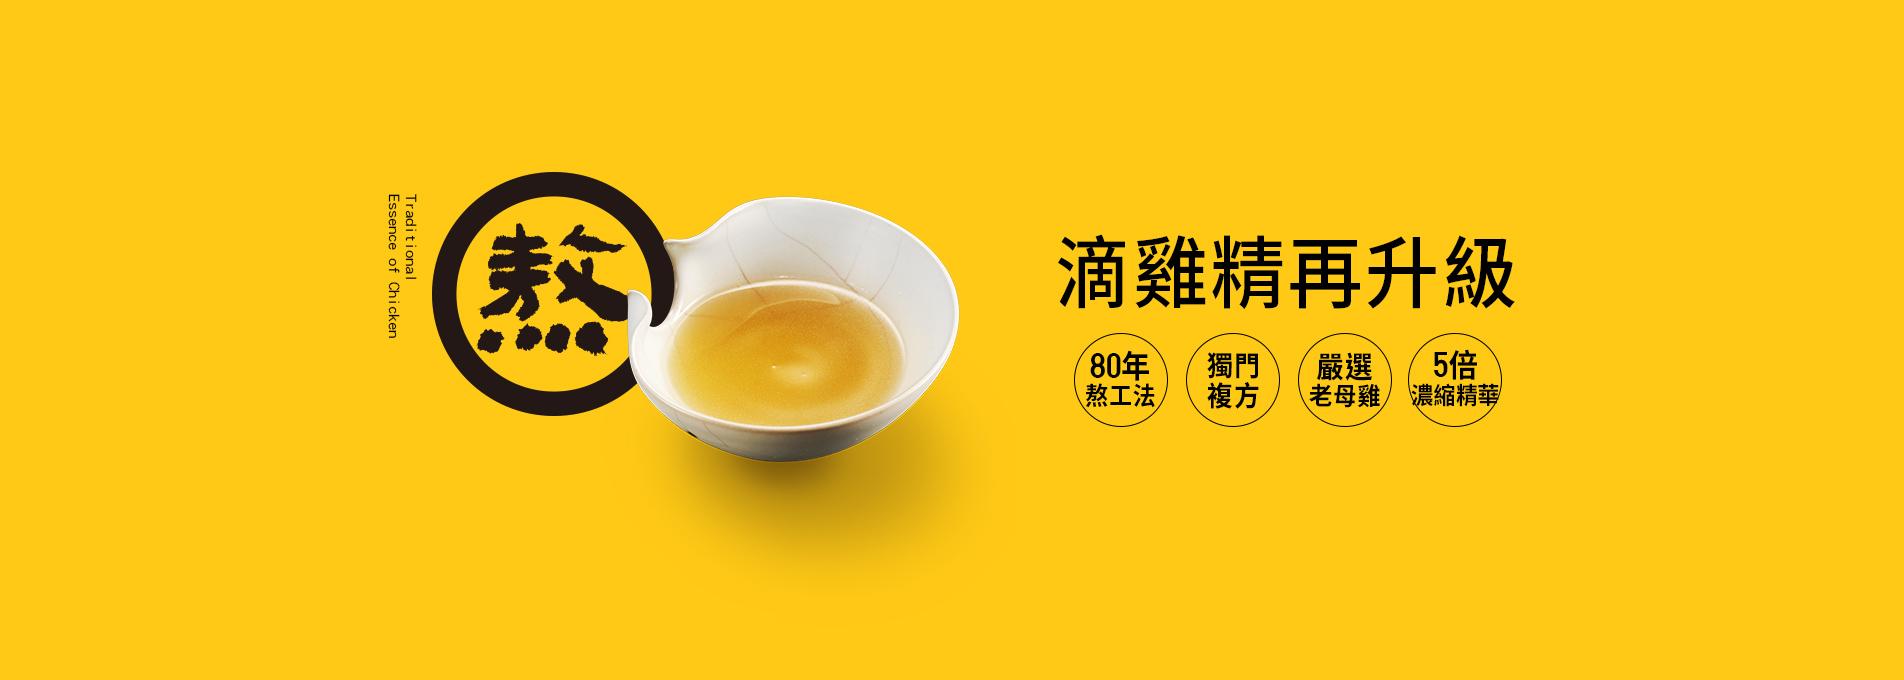 熬雞精(冷凍/15入)